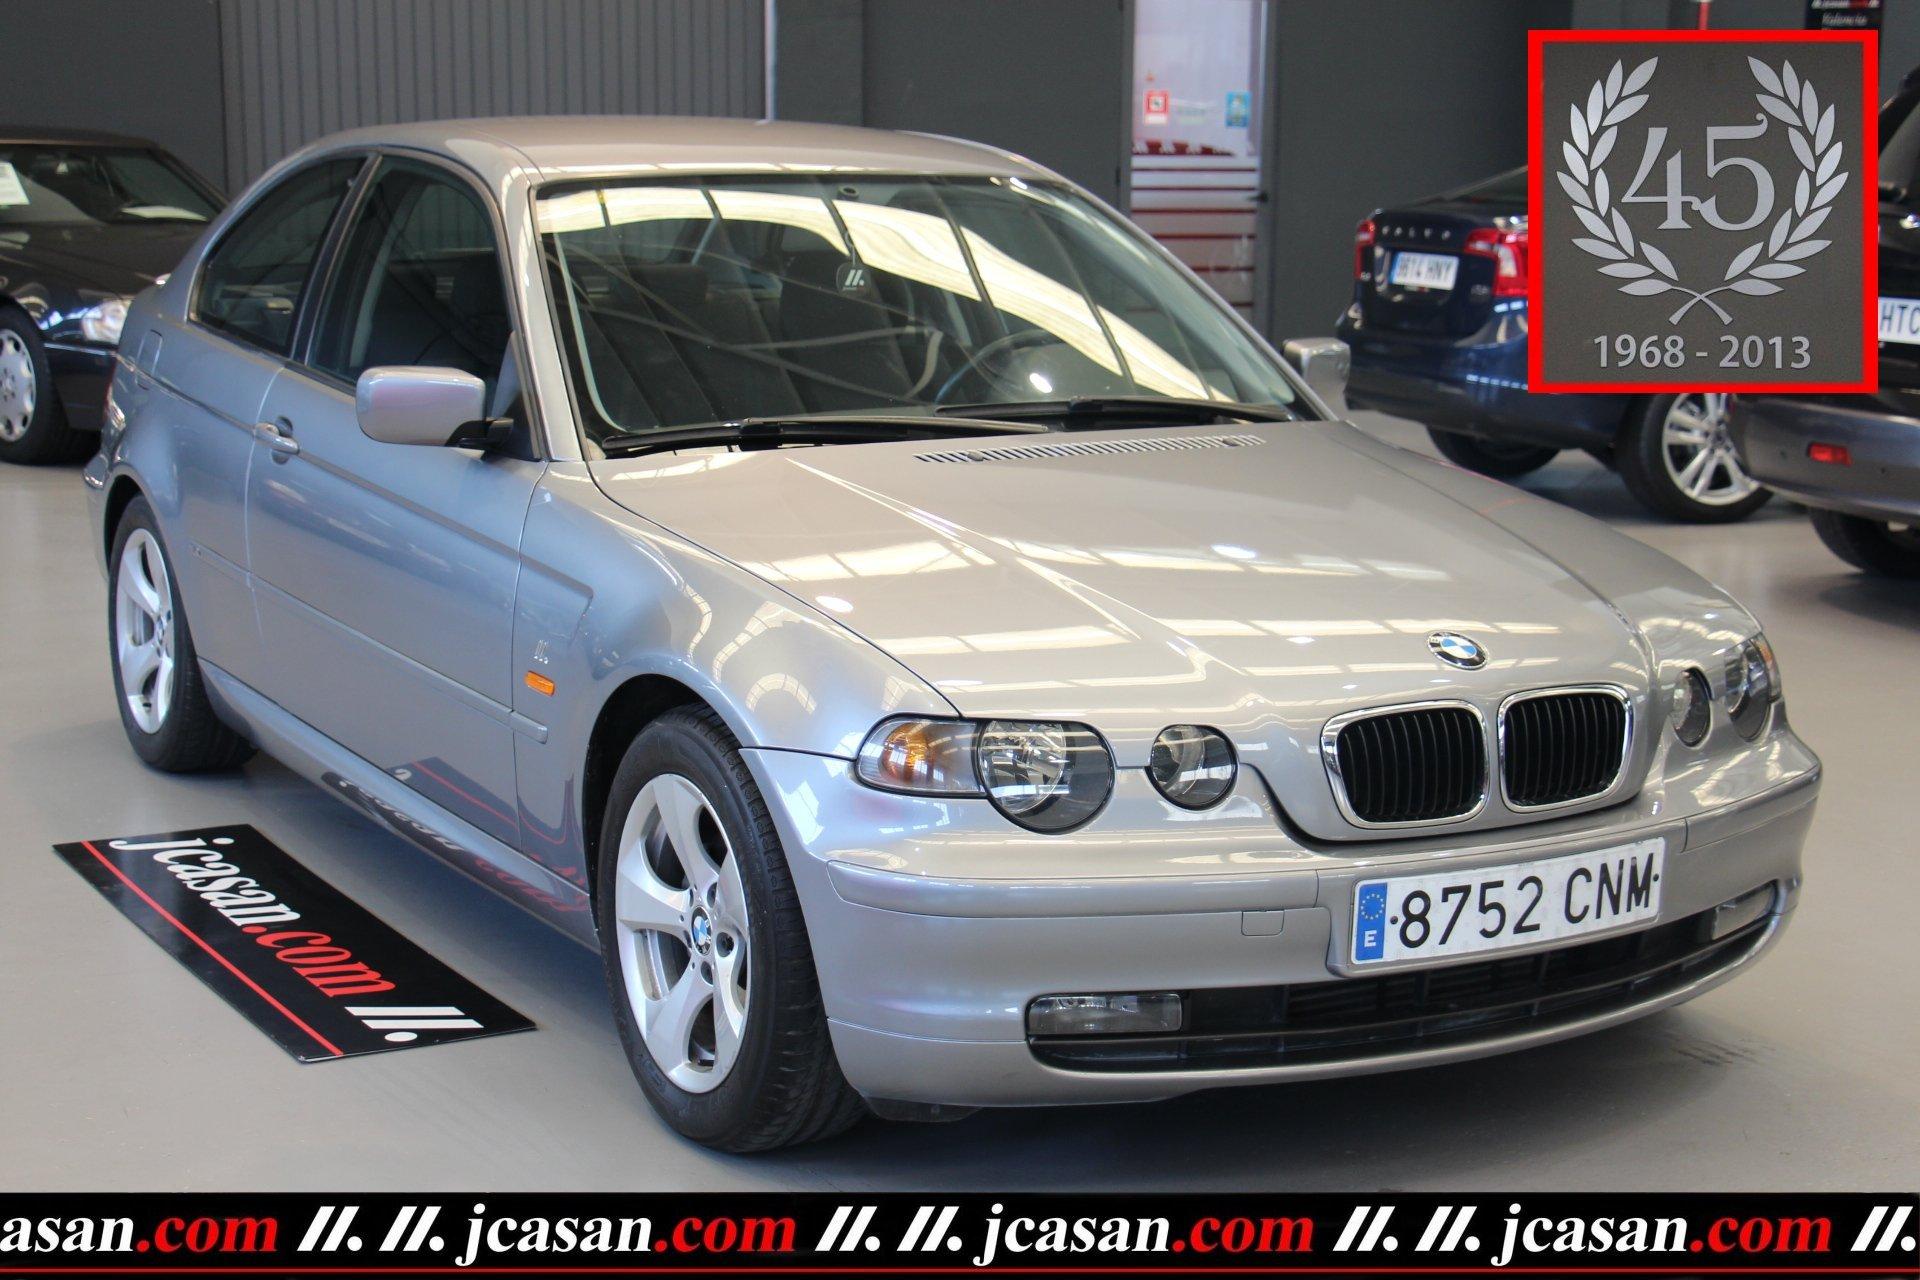 BMW 318Td 115 CV COMPAC